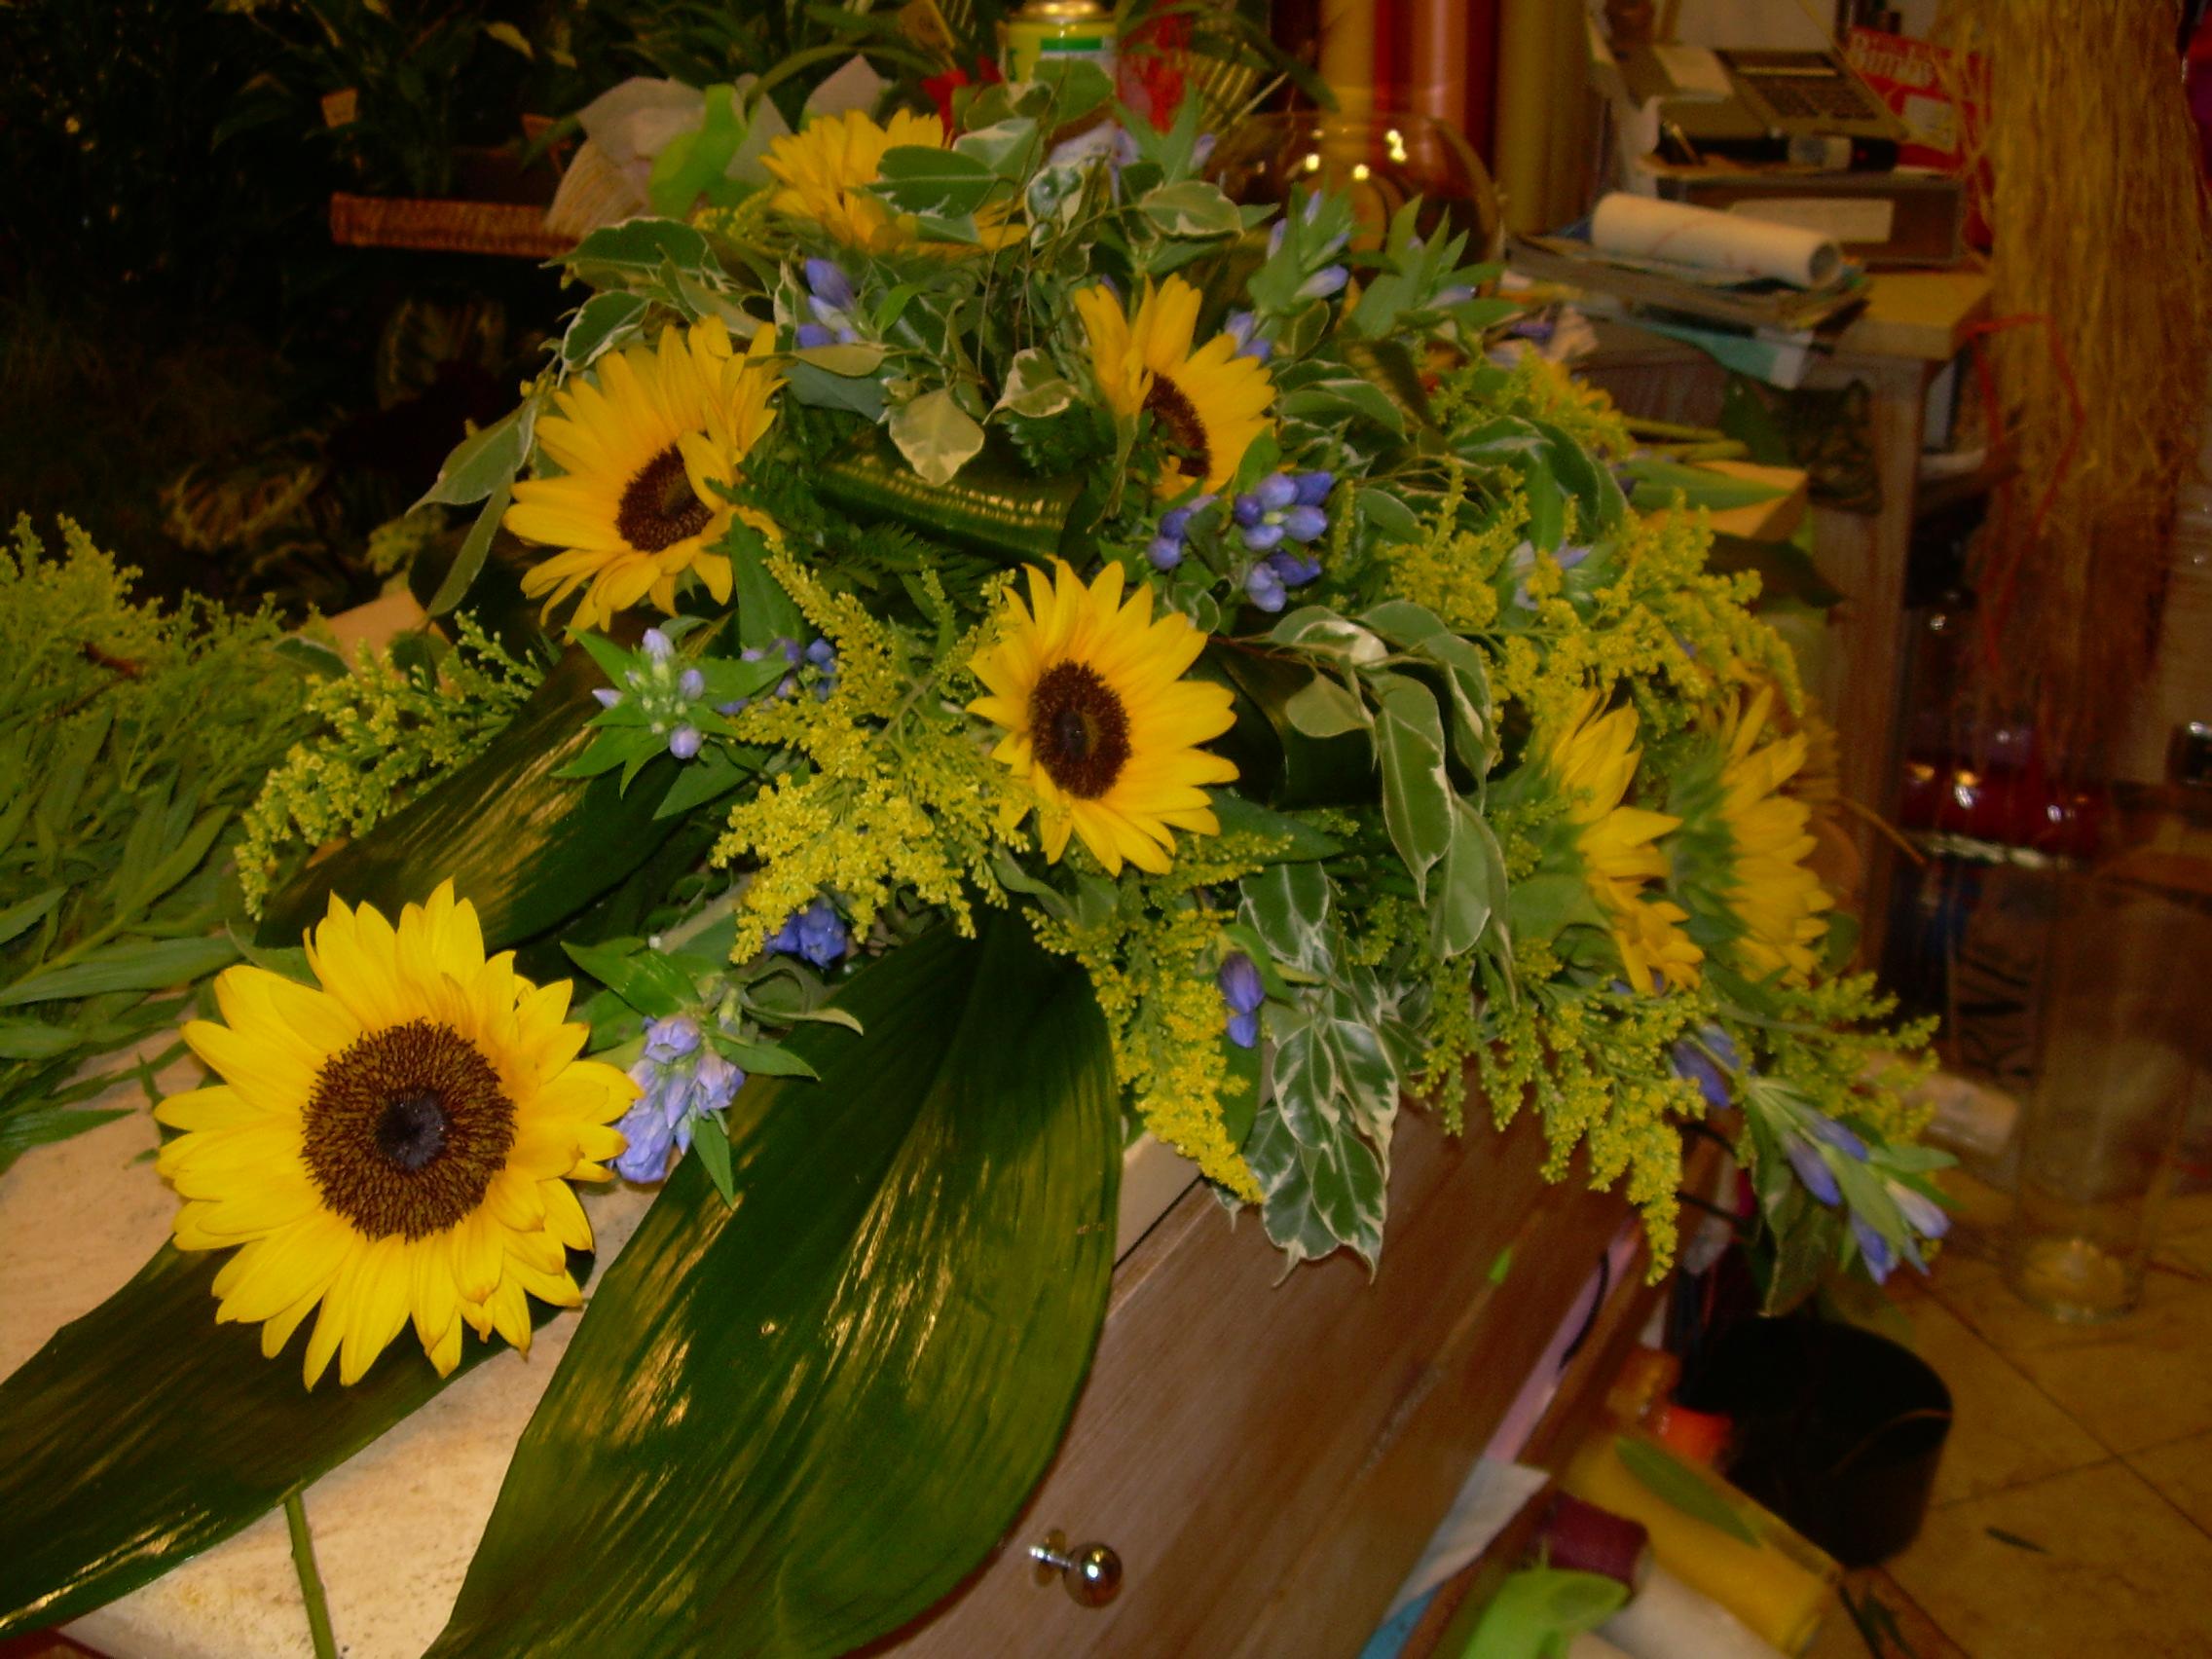 Elisabetta fiori e piante centrotavola con girasoli gentiana e solidago - Interflora contatti ...